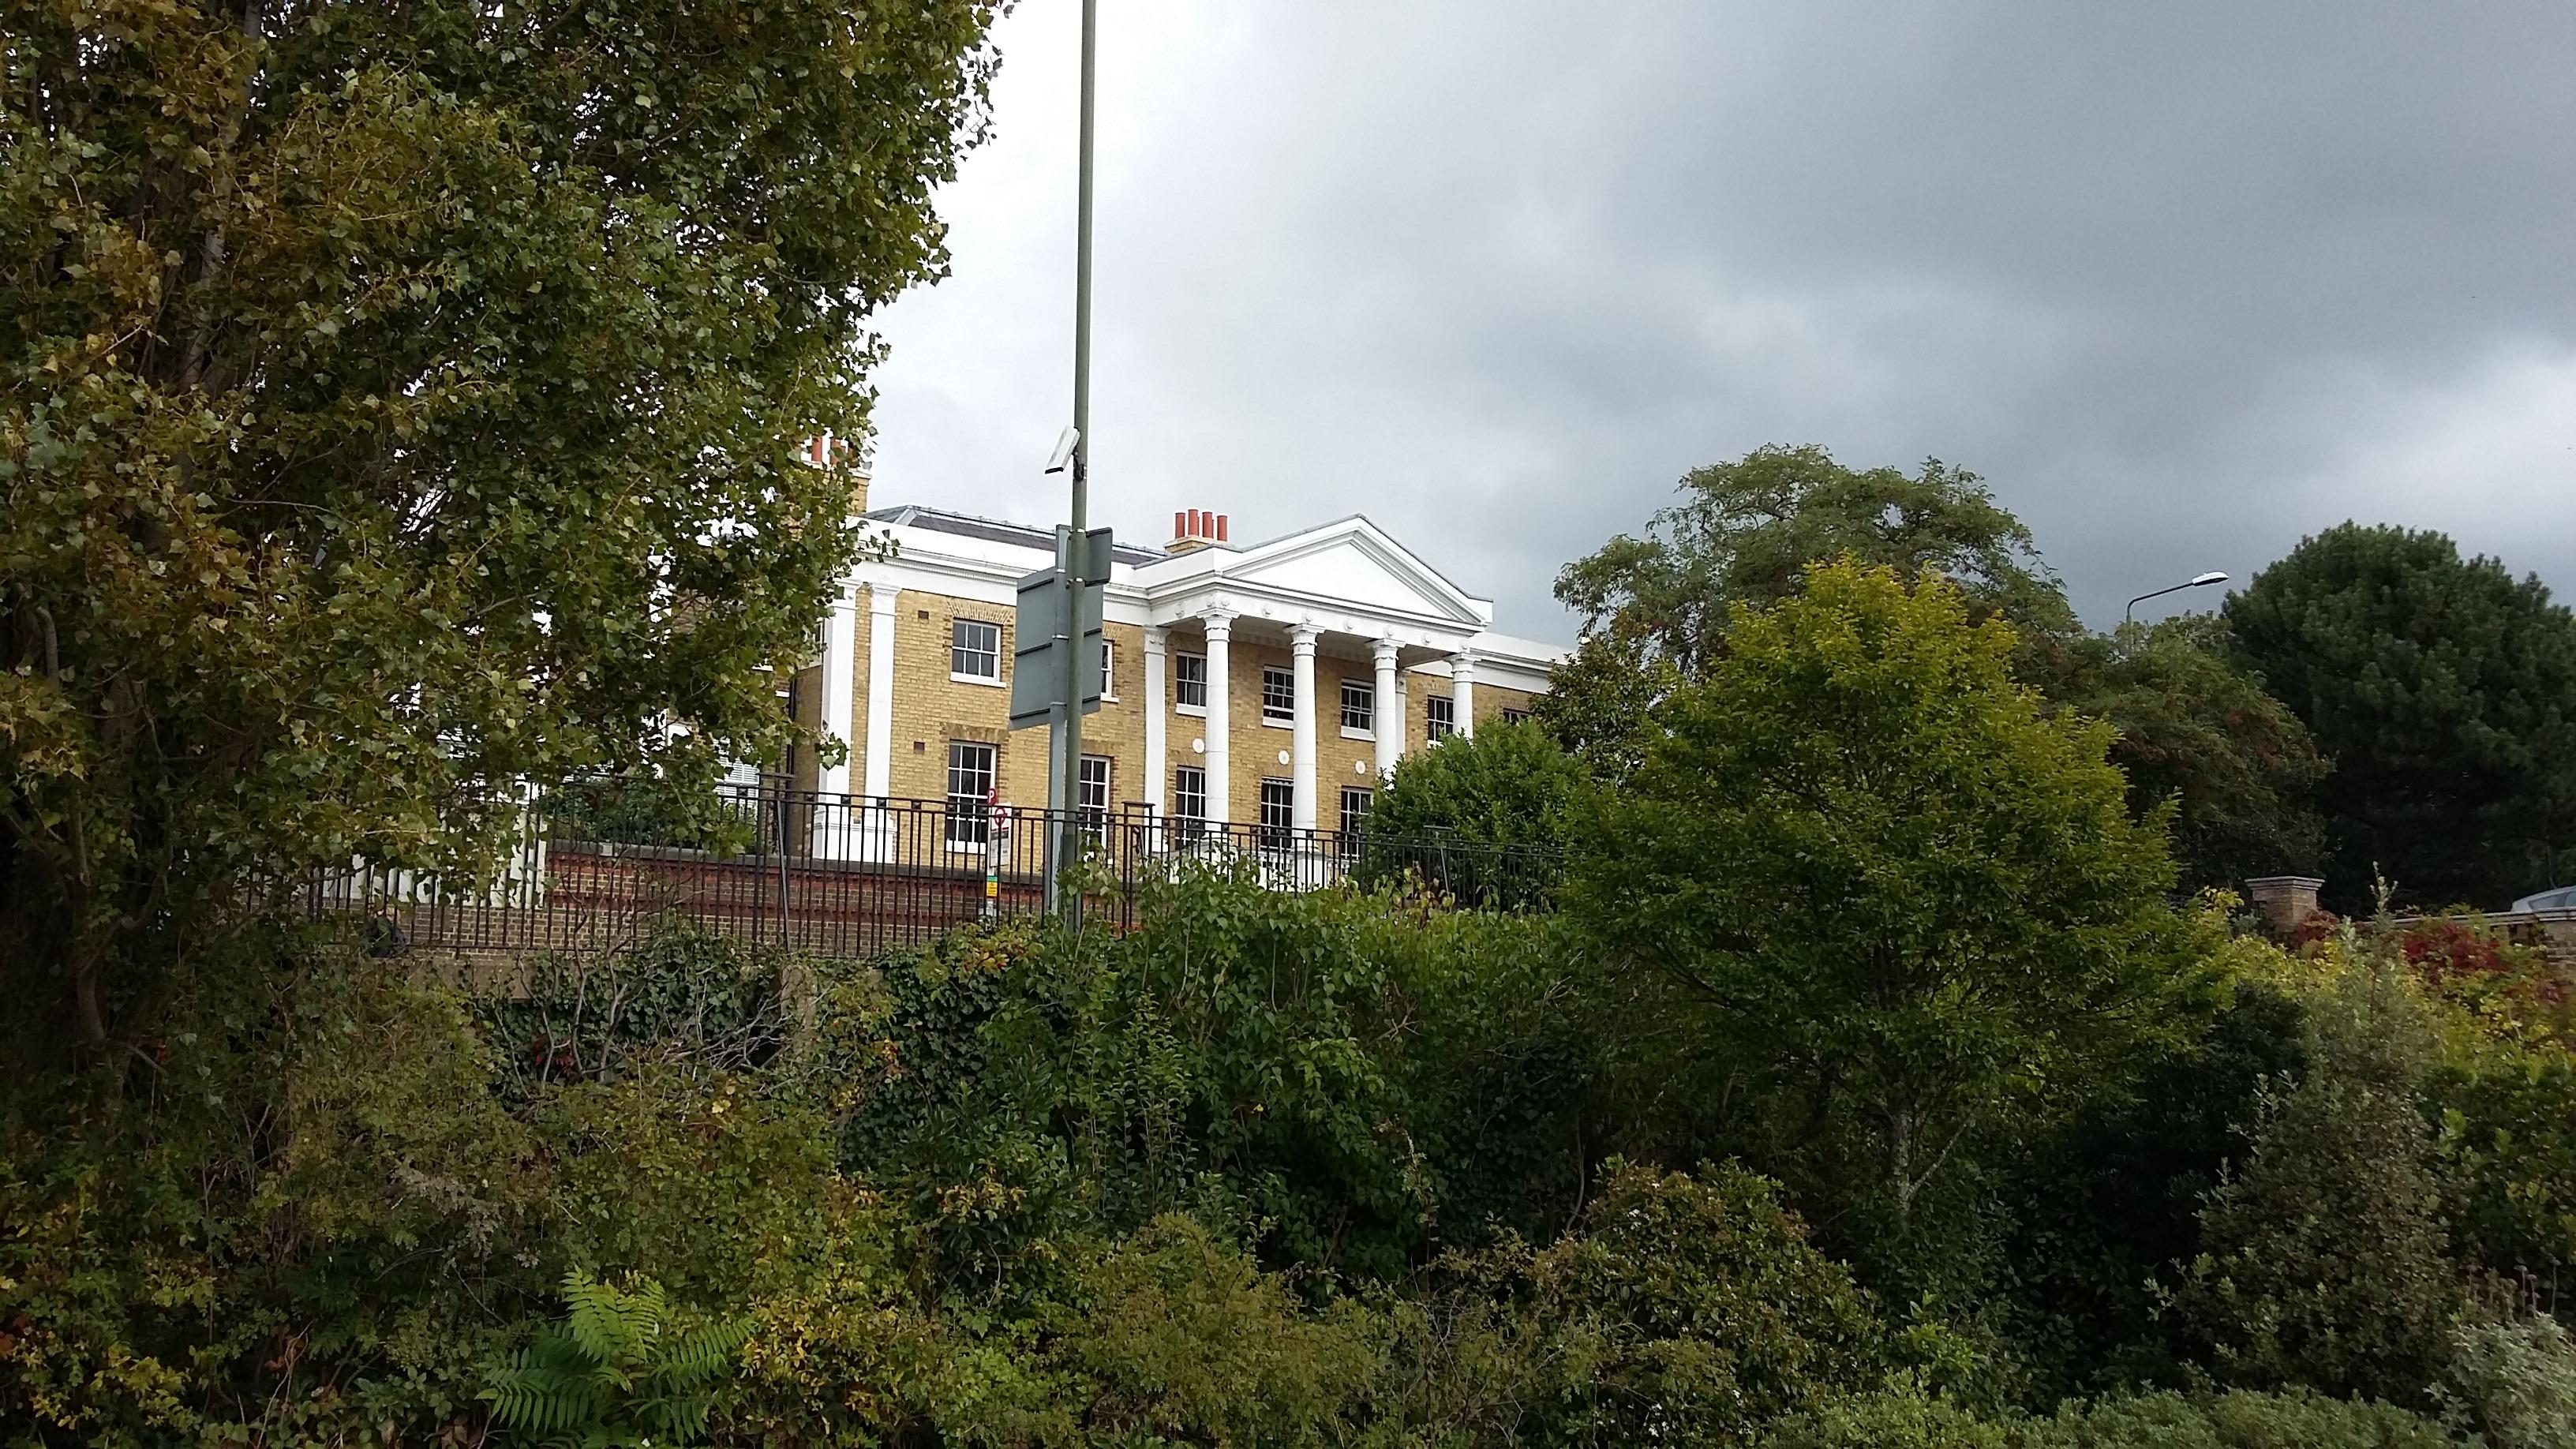 Garrick's Villa